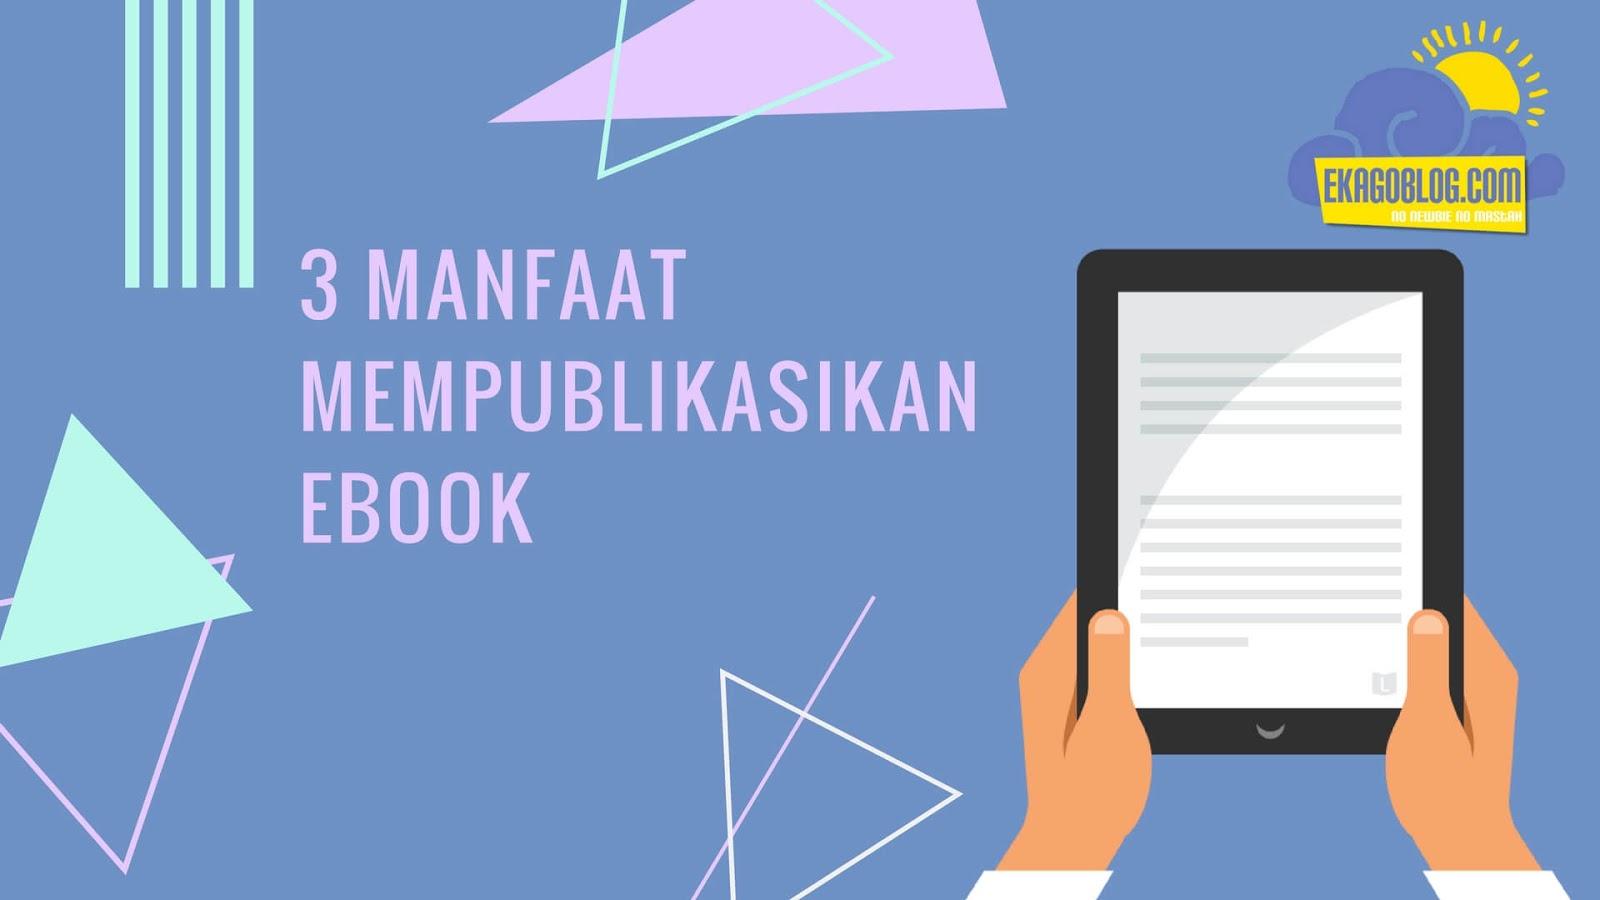 3 Manfaat Mempublikasikan Ebook